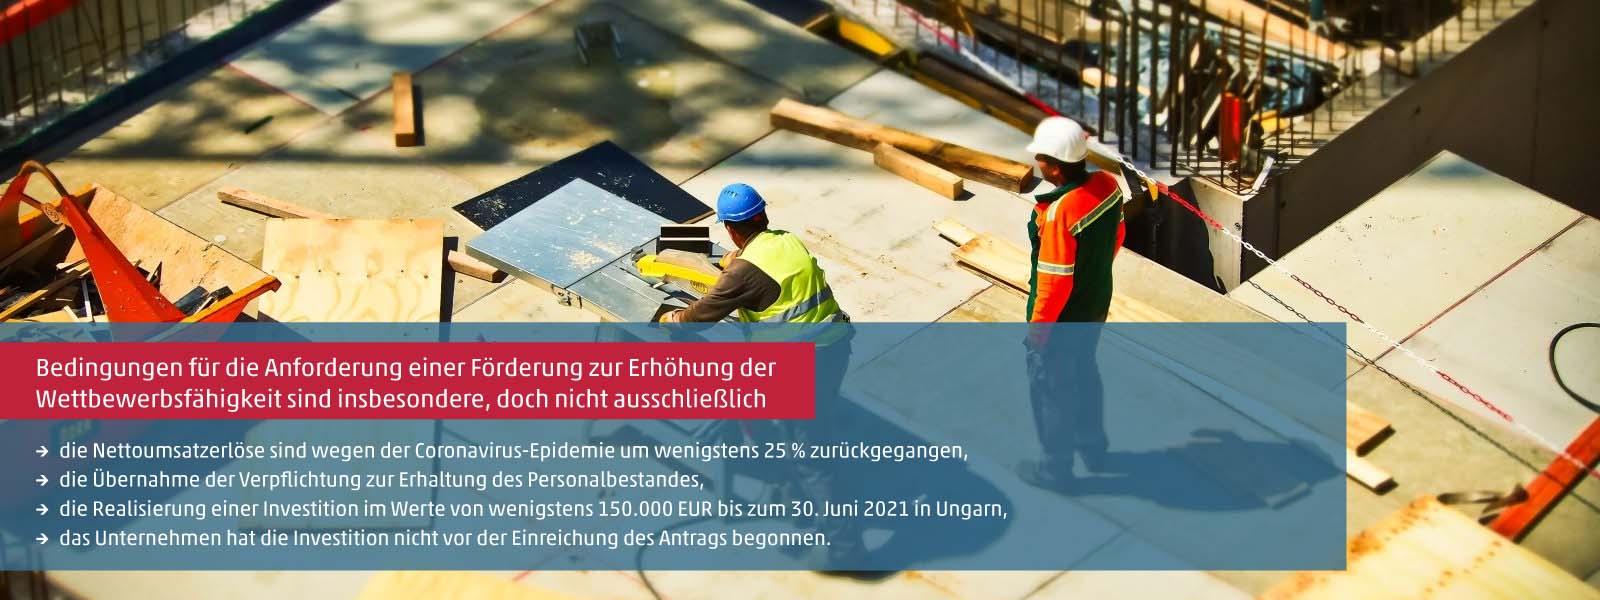 Förderung zur Erhöhung der Wettbewerbsfähigkeit für Investitionen in Ungarn